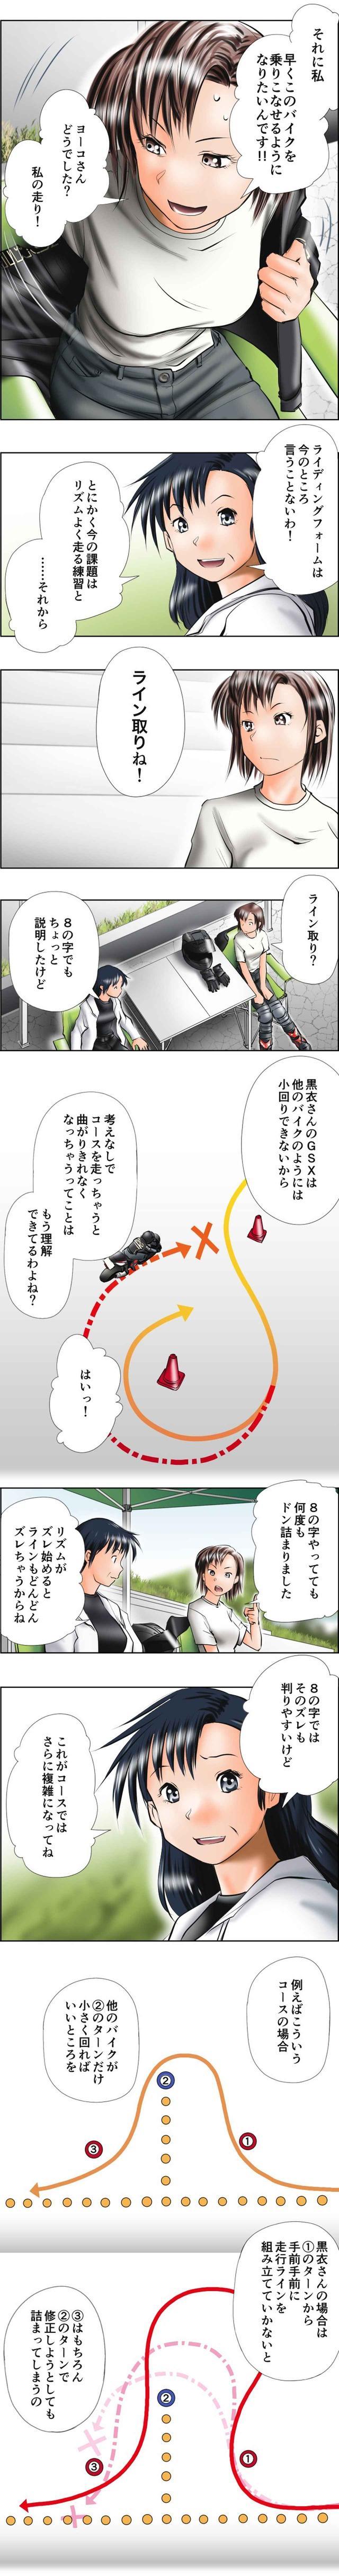 画像: MOTOジム!(第10話:ターンの出口を見越して!) 作・ばどみゅーみん - オートバイ & RIDE